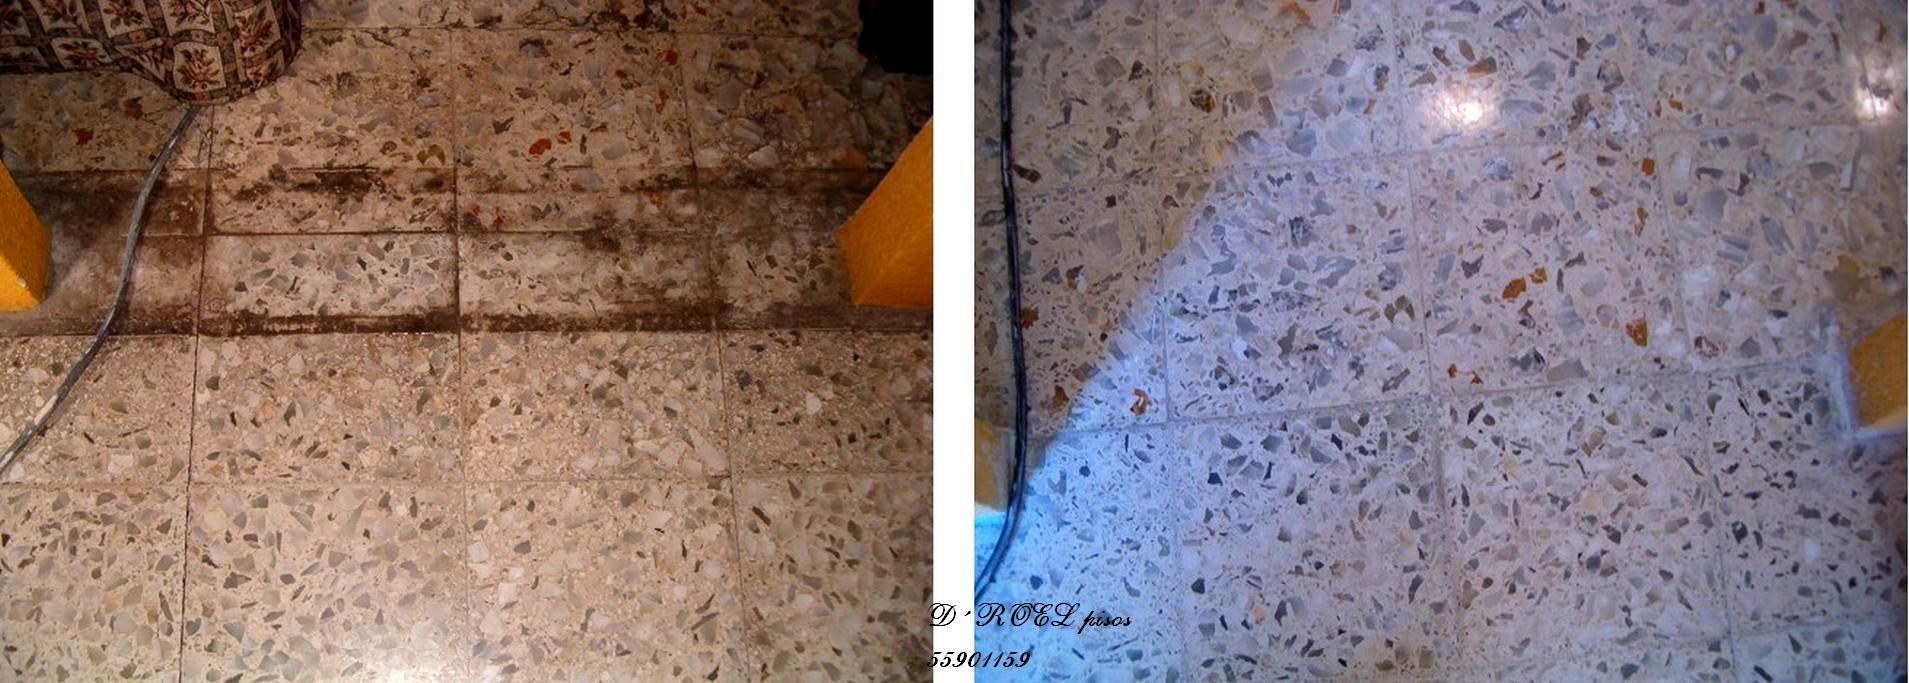 Piso granito pulido y mantenimiento en mercado for Precio del marmol y granito